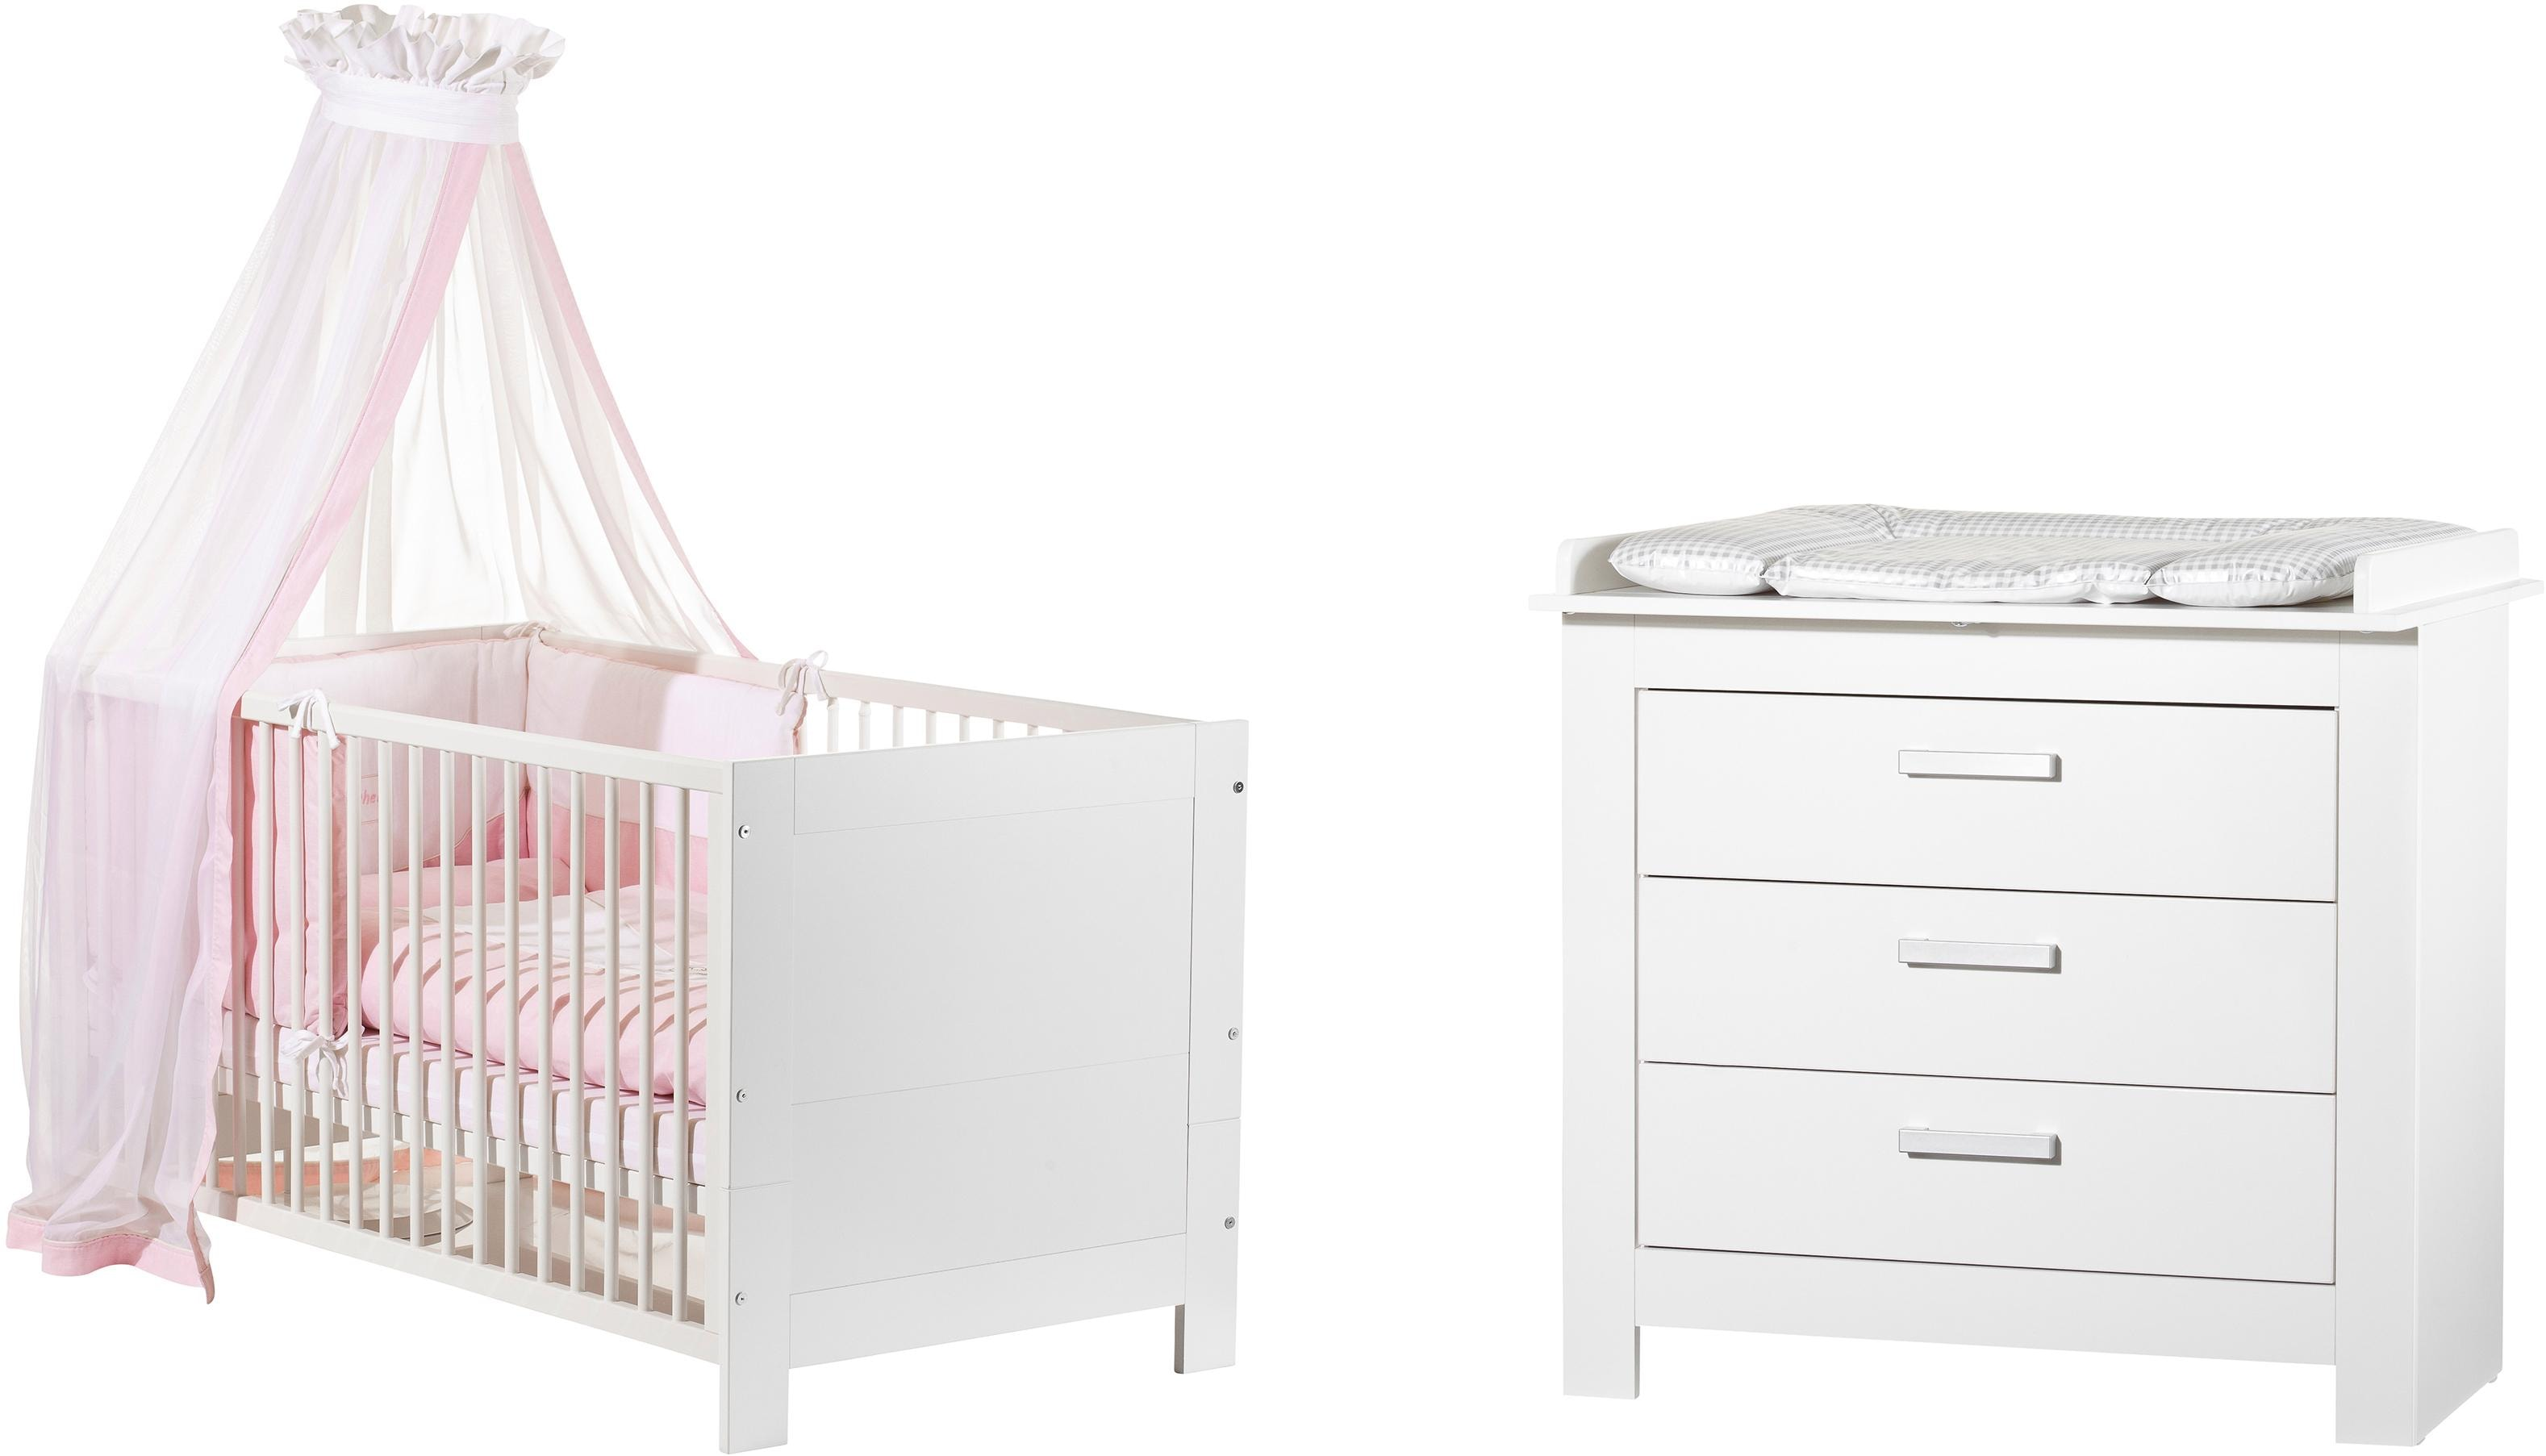 geuther Komplett-Babyzimmer online kaufen | Möbel-Suchmaschine ...